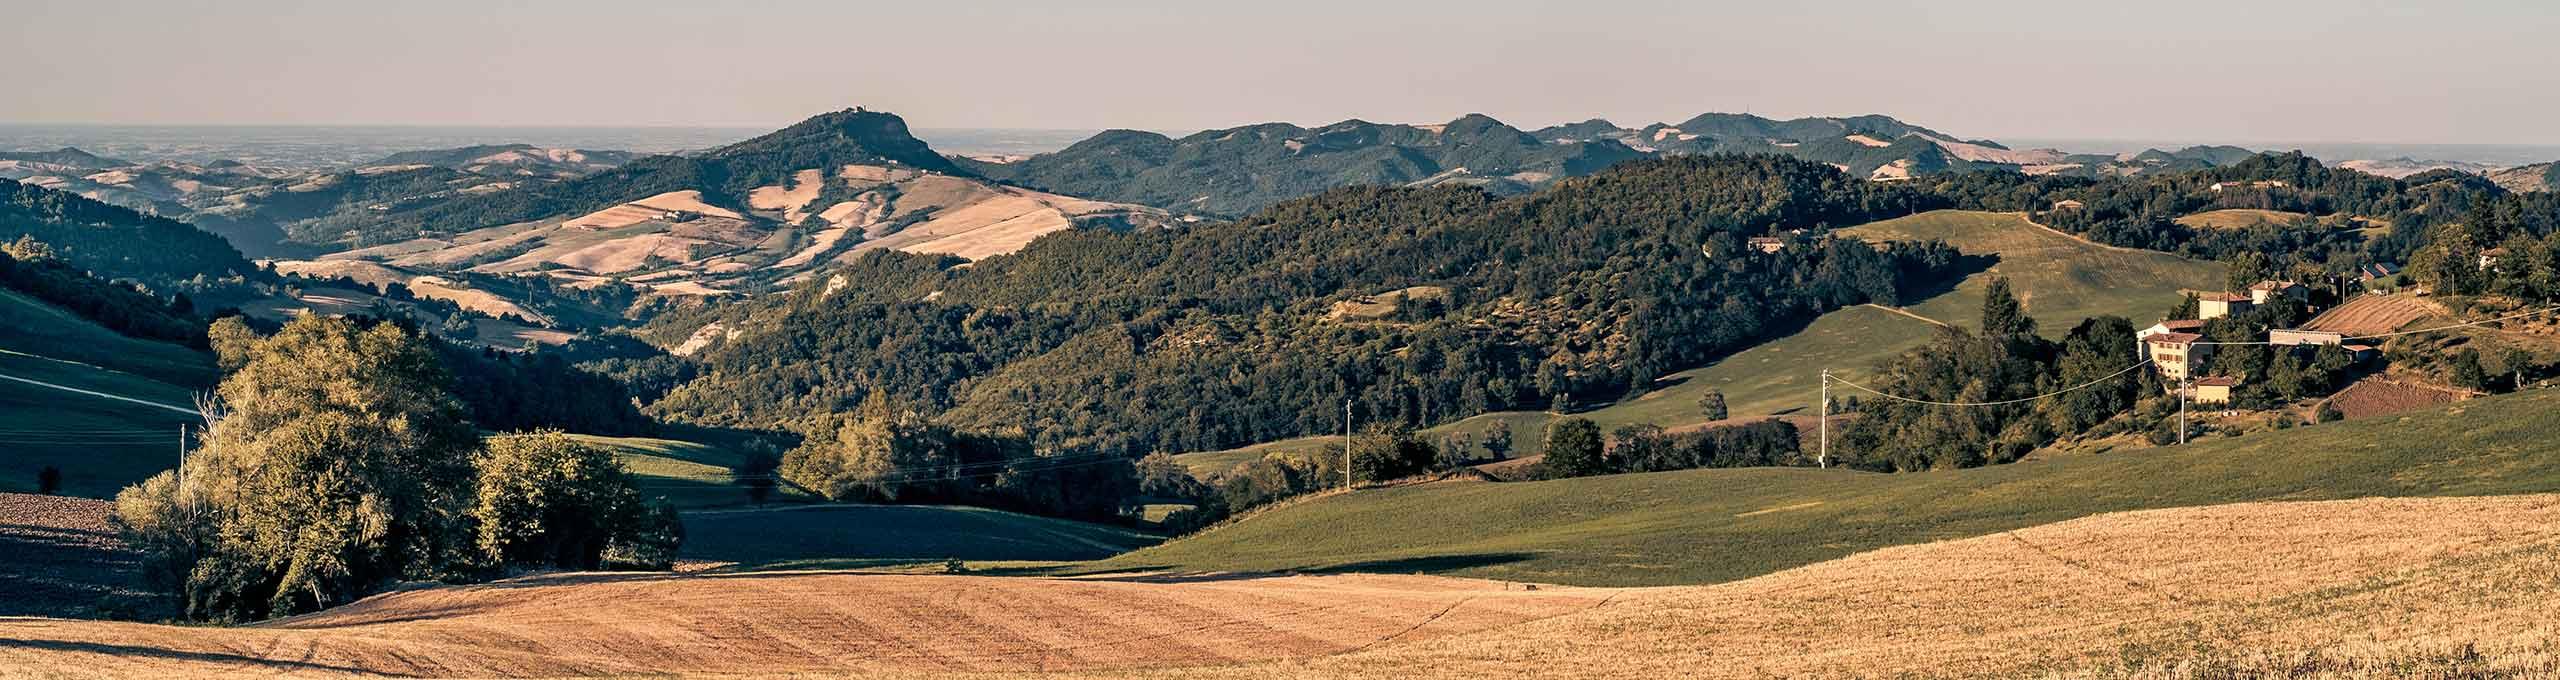 Loiano, Appennino Bolognese, Monte Formiche